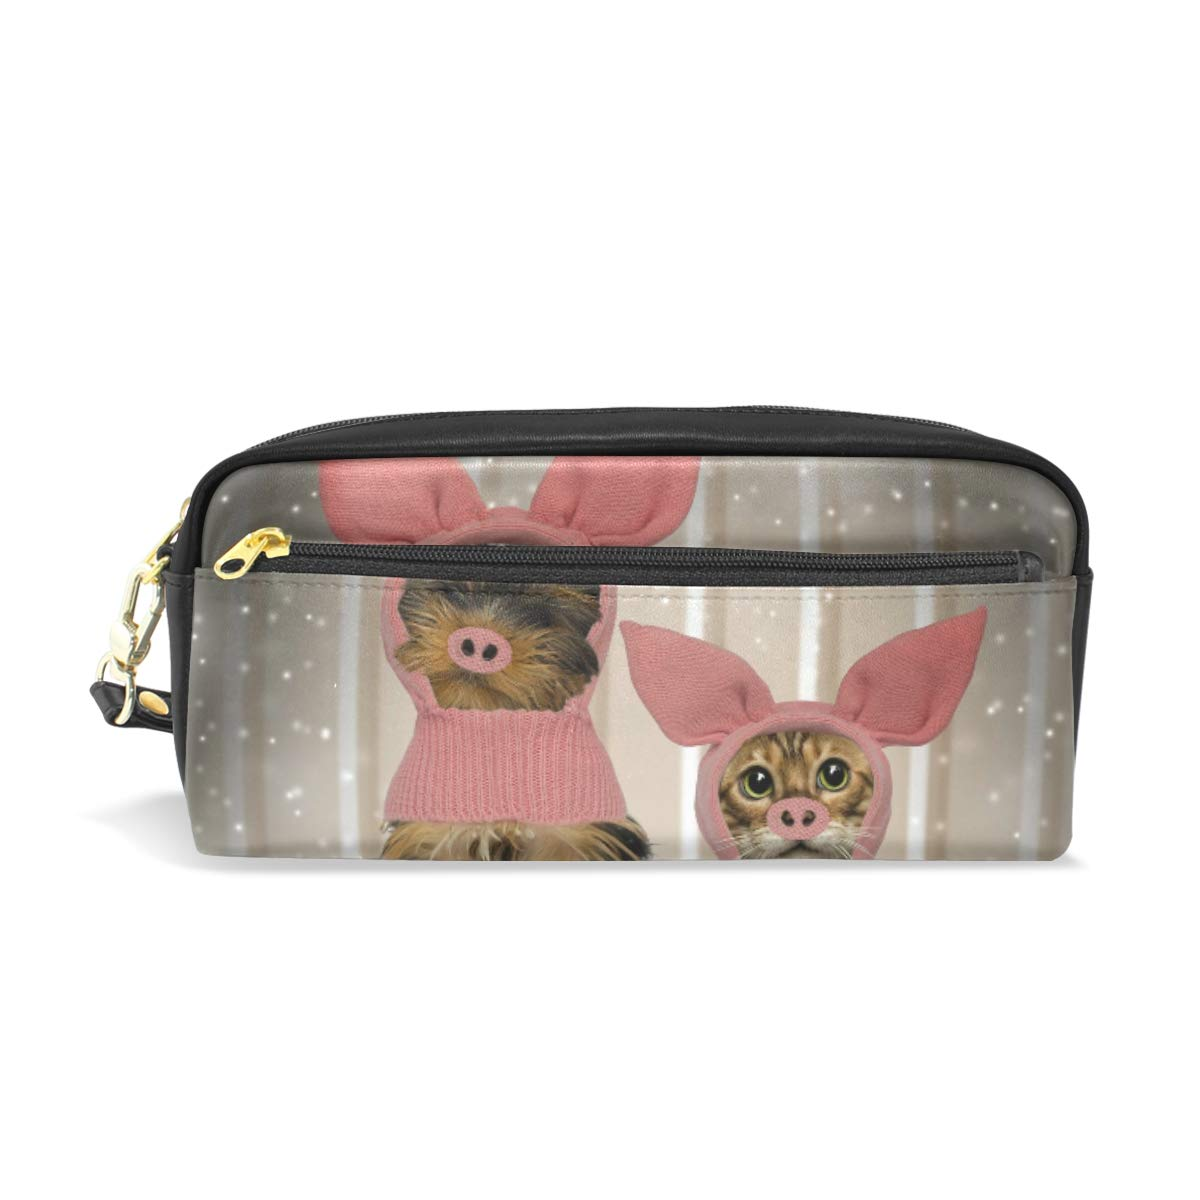 Estuche para lápices de gran capacidad, bolsa para bolígrafos, cartera para disfraz, disfraz de cachorro, gatito, cerdo, impermeable, bolsa de maquillaje para estudiantes o mujeres: Amazon.es: Oficina y papelería